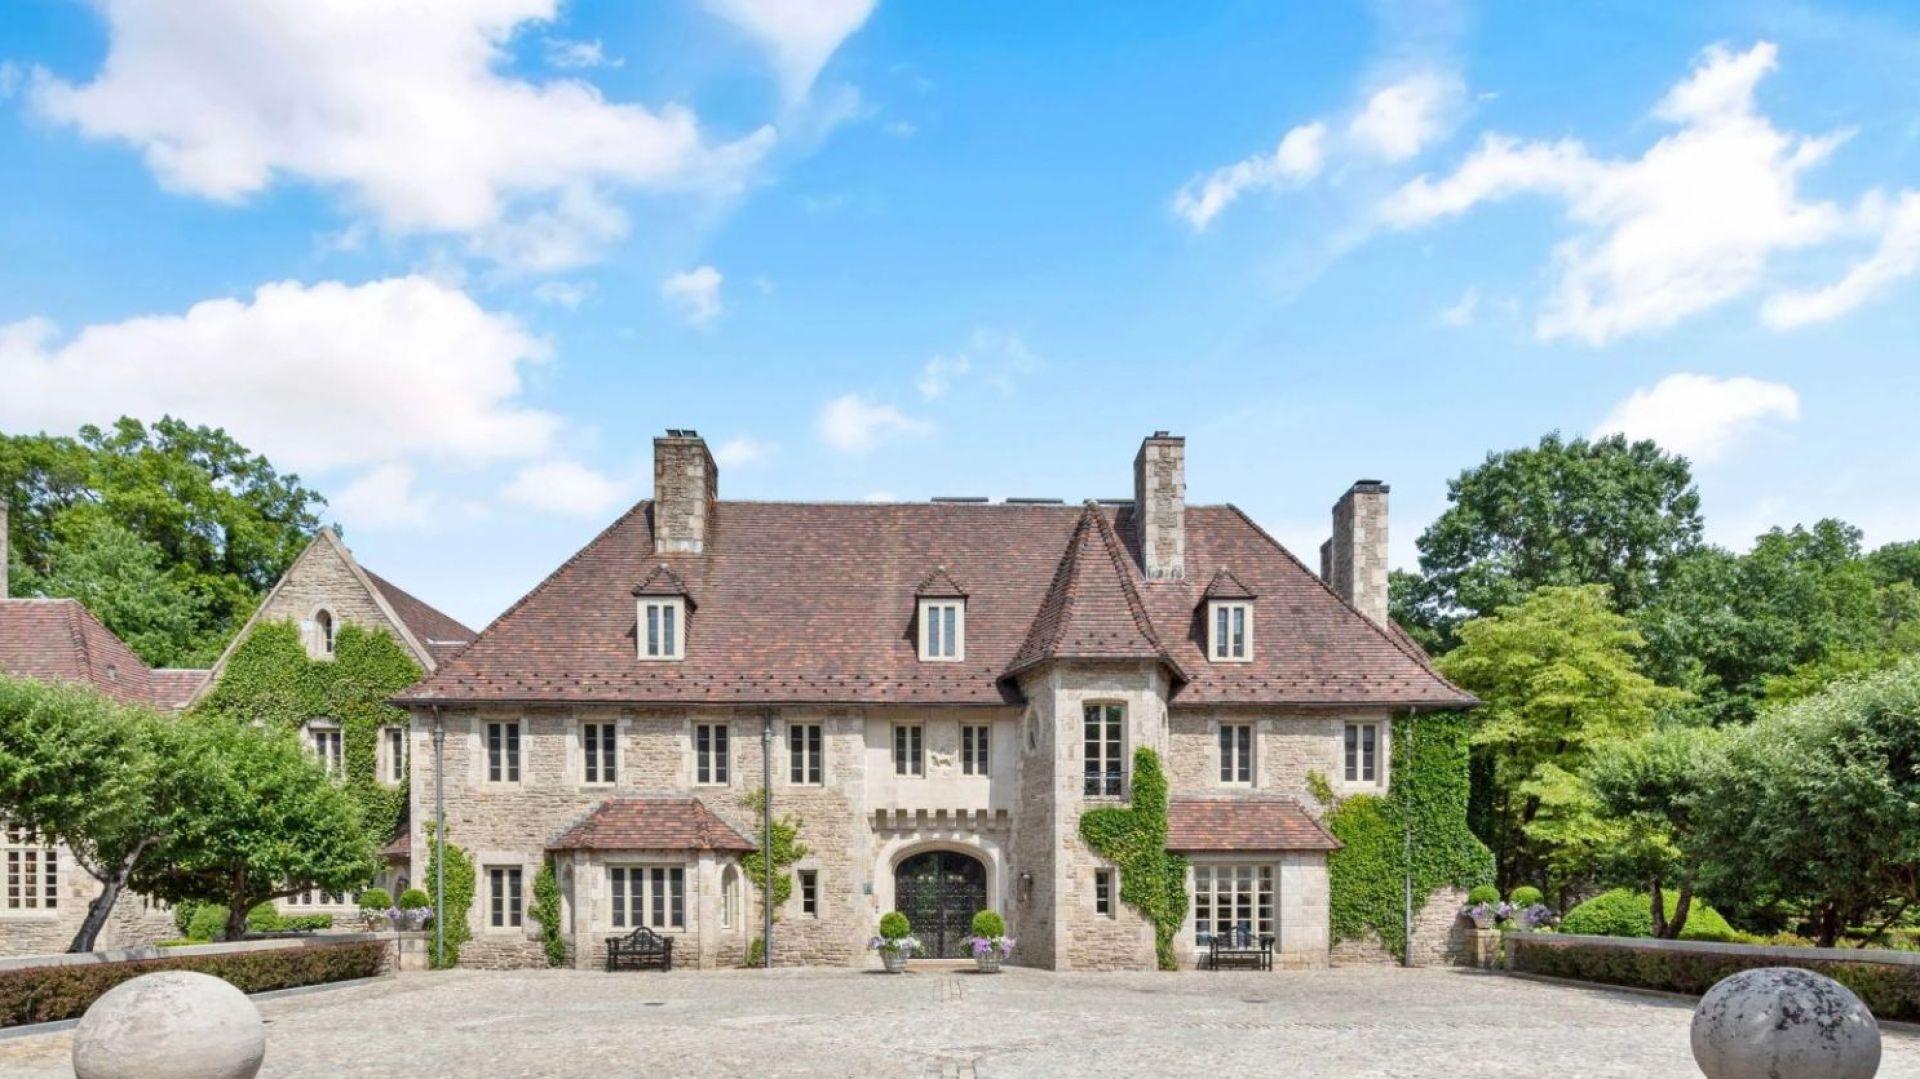 Posiadłość w zamkowym stylu znajduje się w stanie Connecticut. Źródło: www.conciergeauctions.com. Zdjęcia: Compass and Concierge Auctions